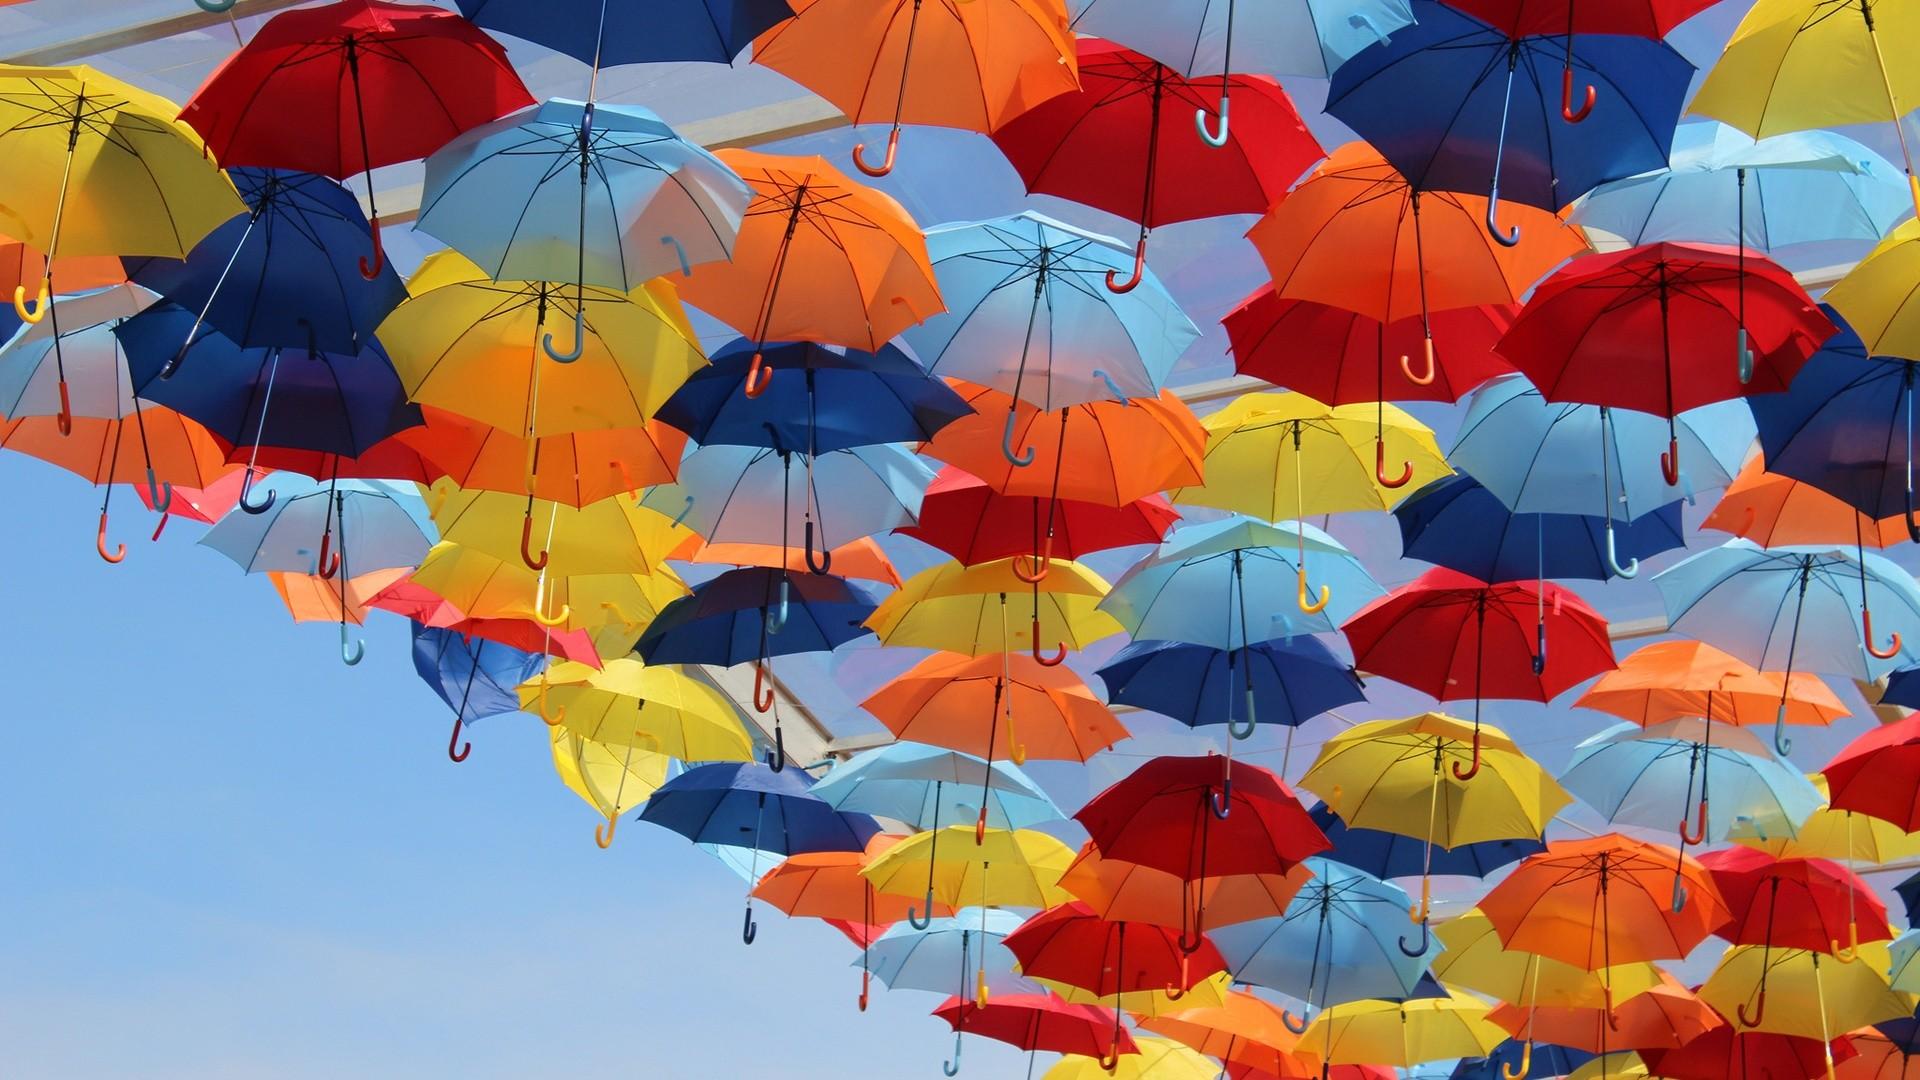 Umbrella Wallpaper Background 8257